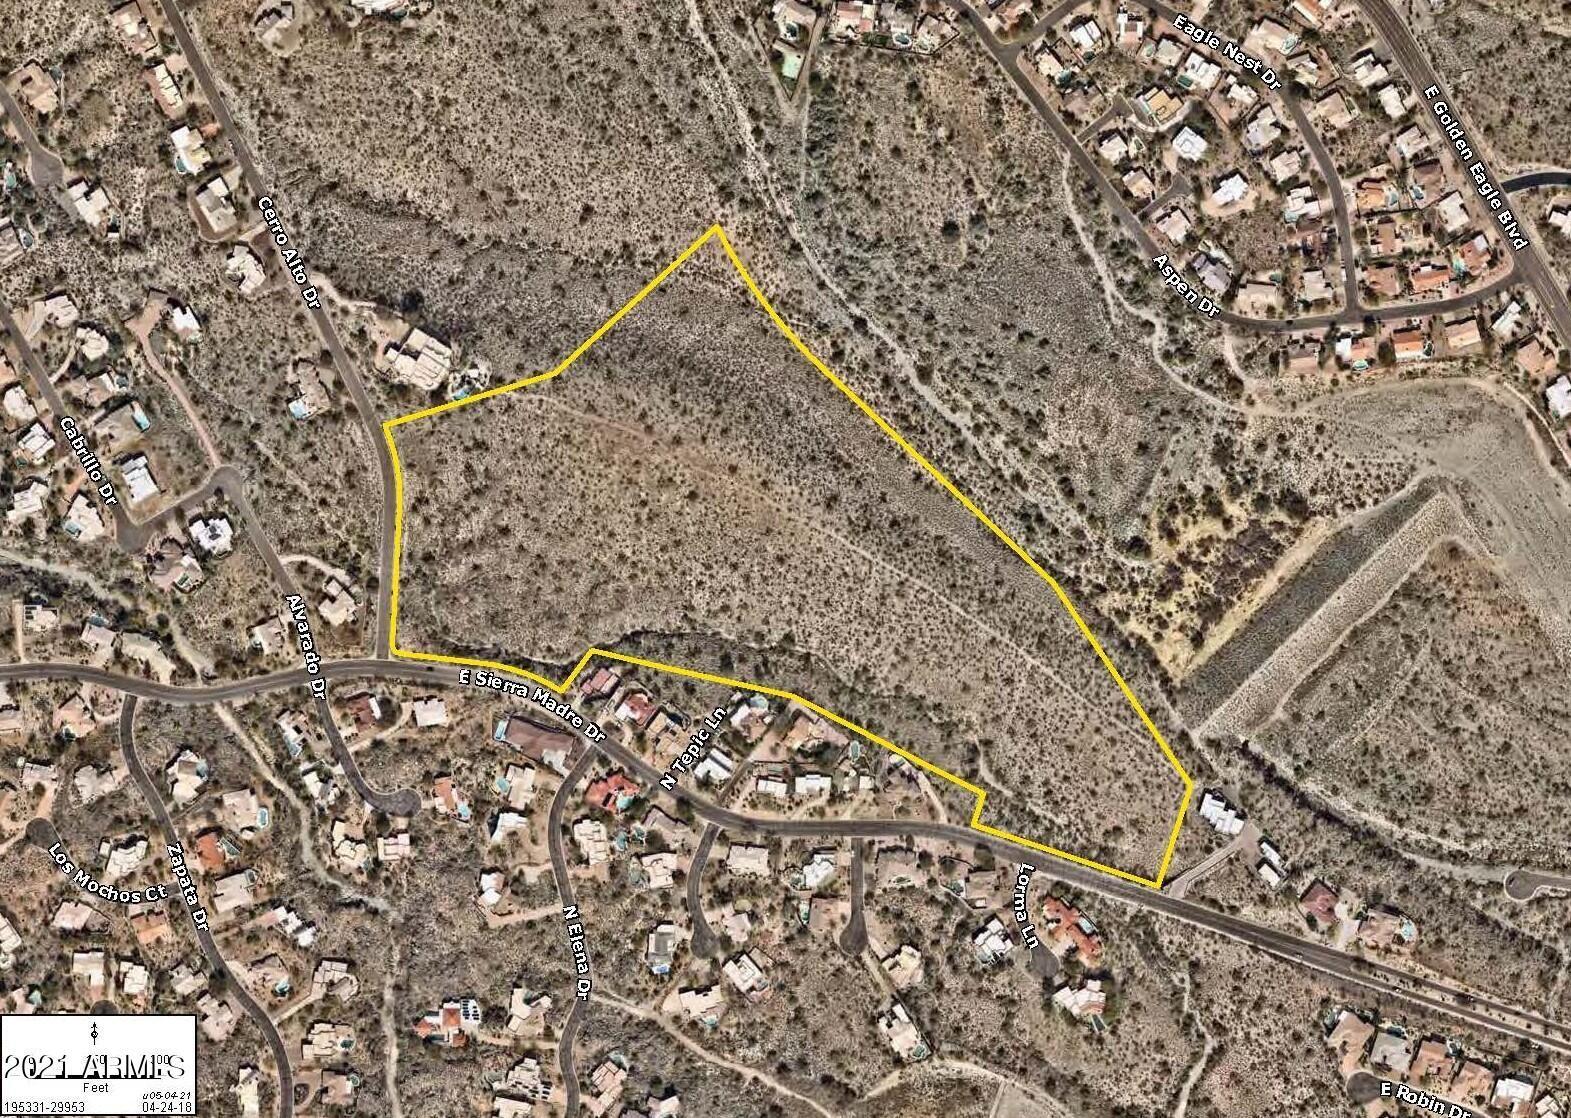 15431 Cerro Alto Drive                                                                               Fountain Hills                                                                      , AZ - $3,000,000